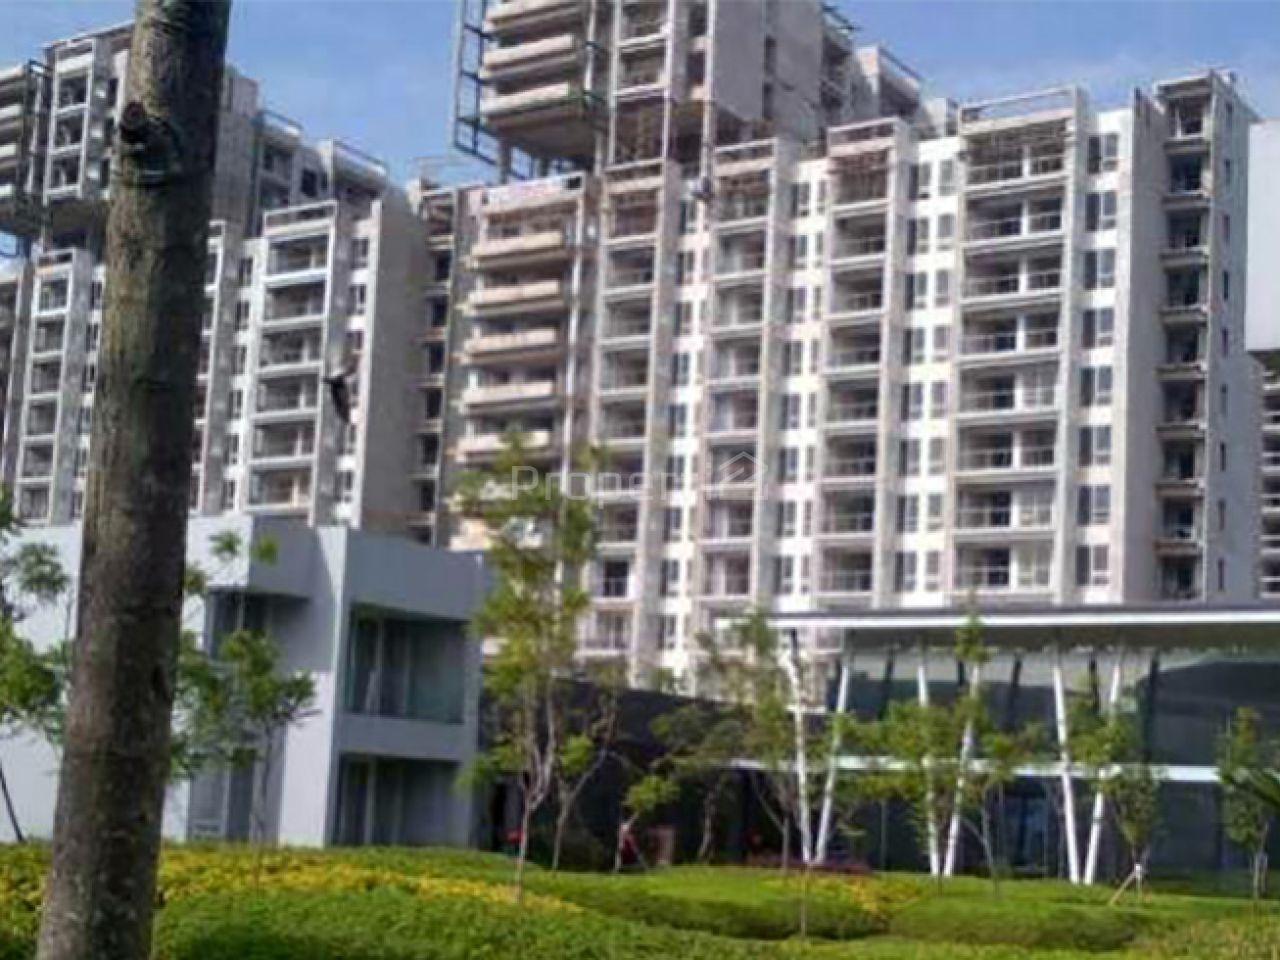 Unit 2 Br City View di Lantai 10 Tower B, Landmark Residence, Jawa Barat